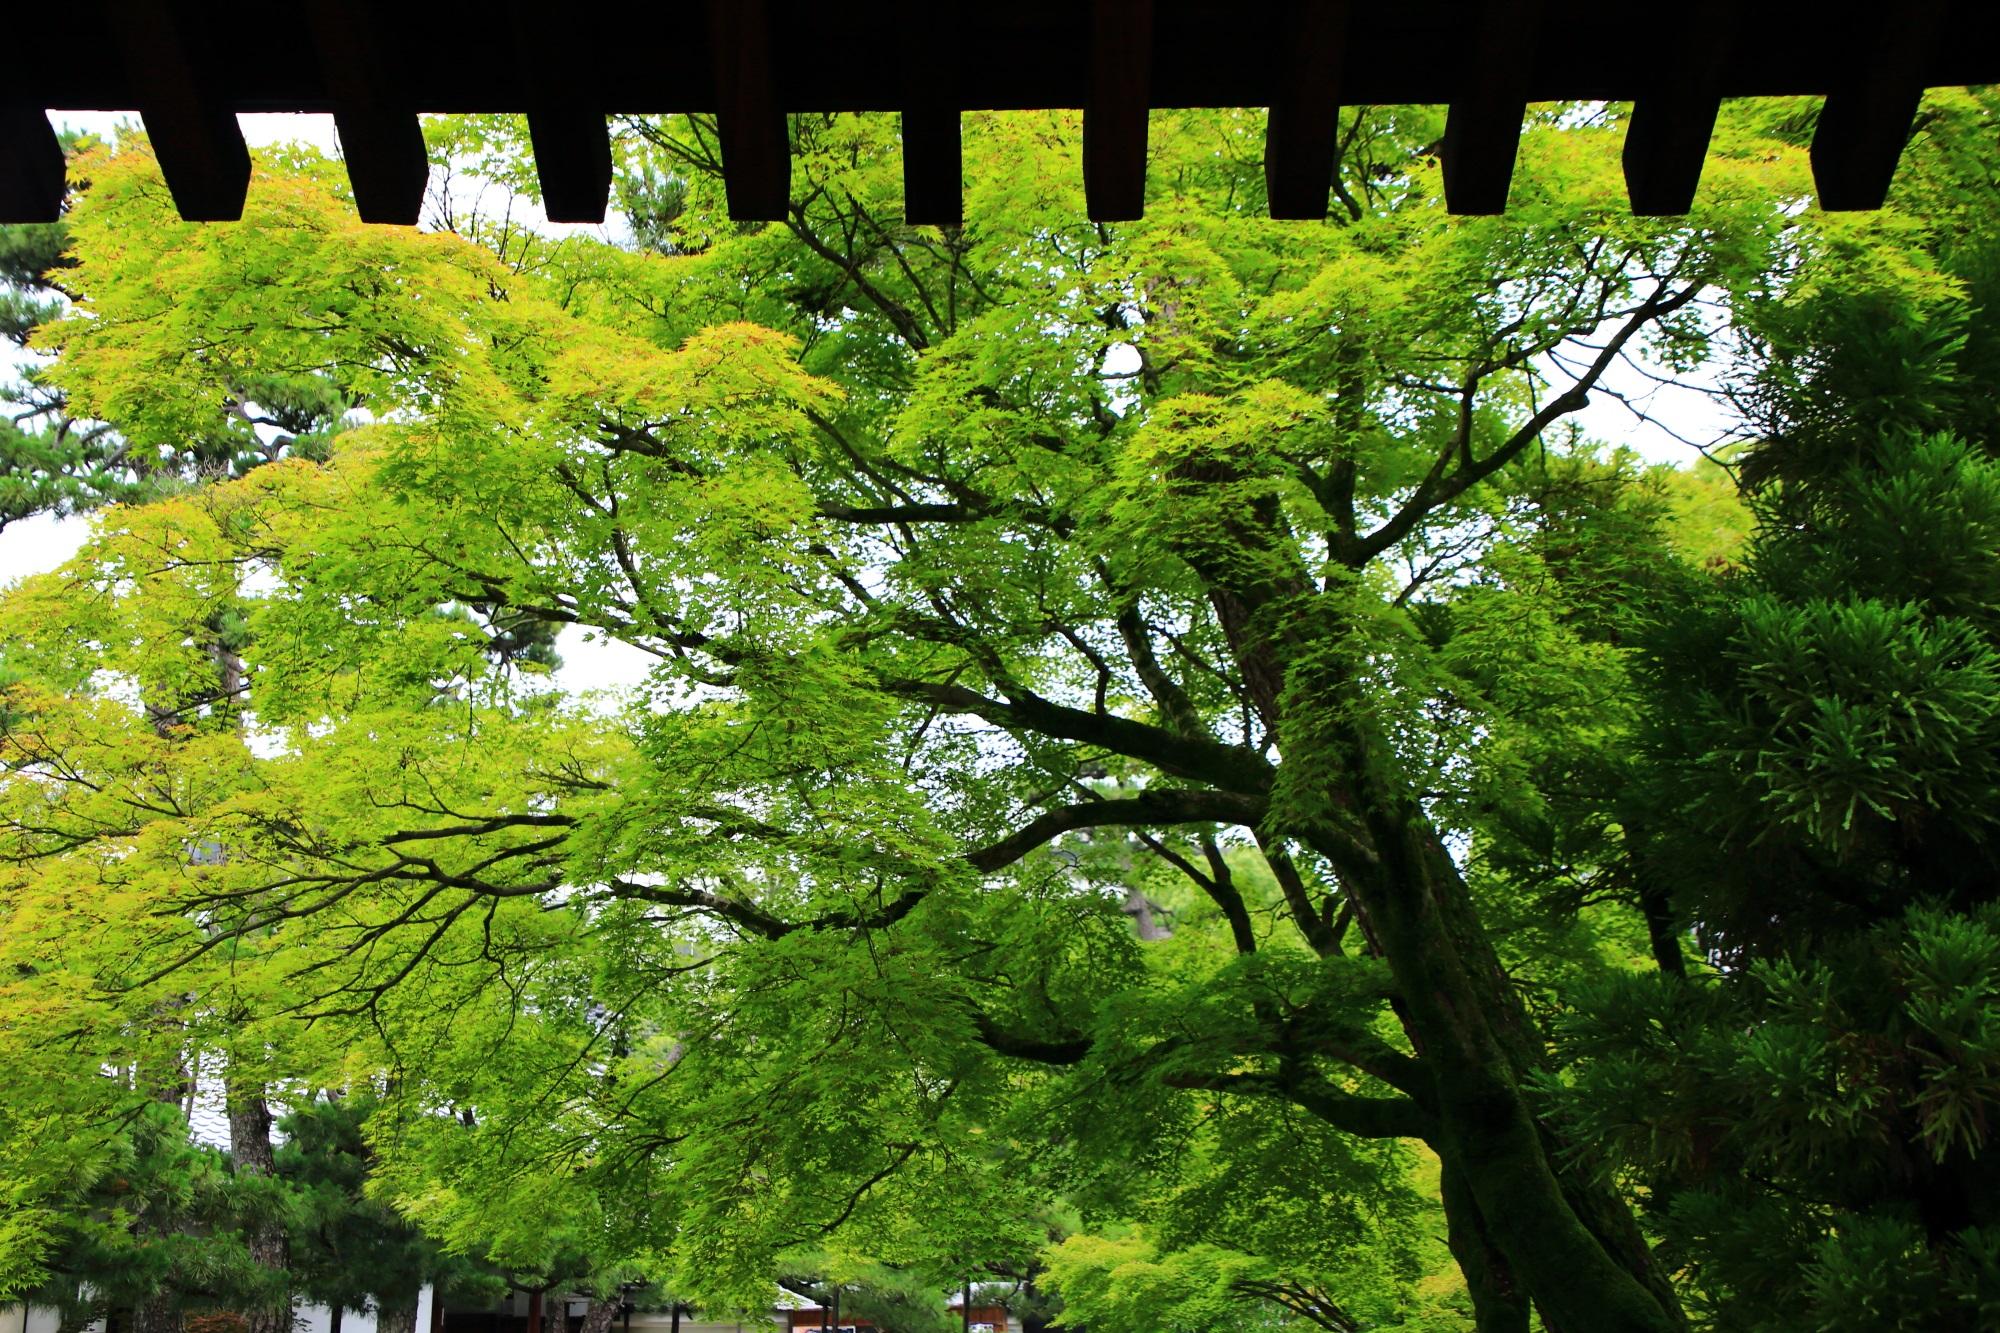 緑の空間が広がる廬山寺の黒門付近の青もみじ